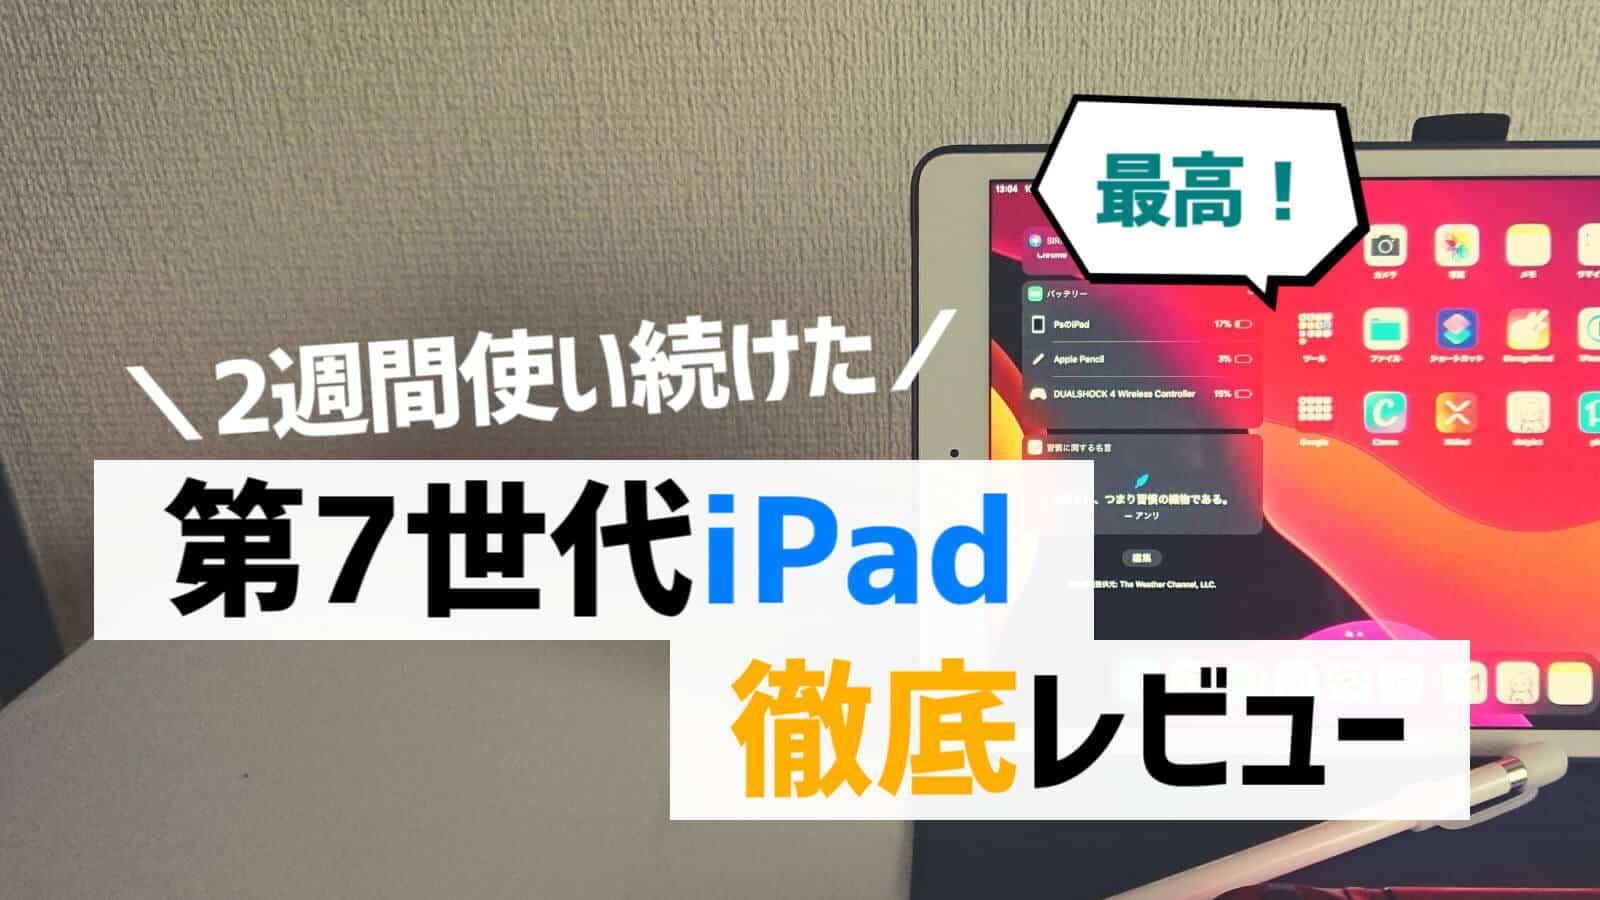 アイキャッチ(軽量版) | 2週間使い続けた、第7世代iPadの徹底レビュー